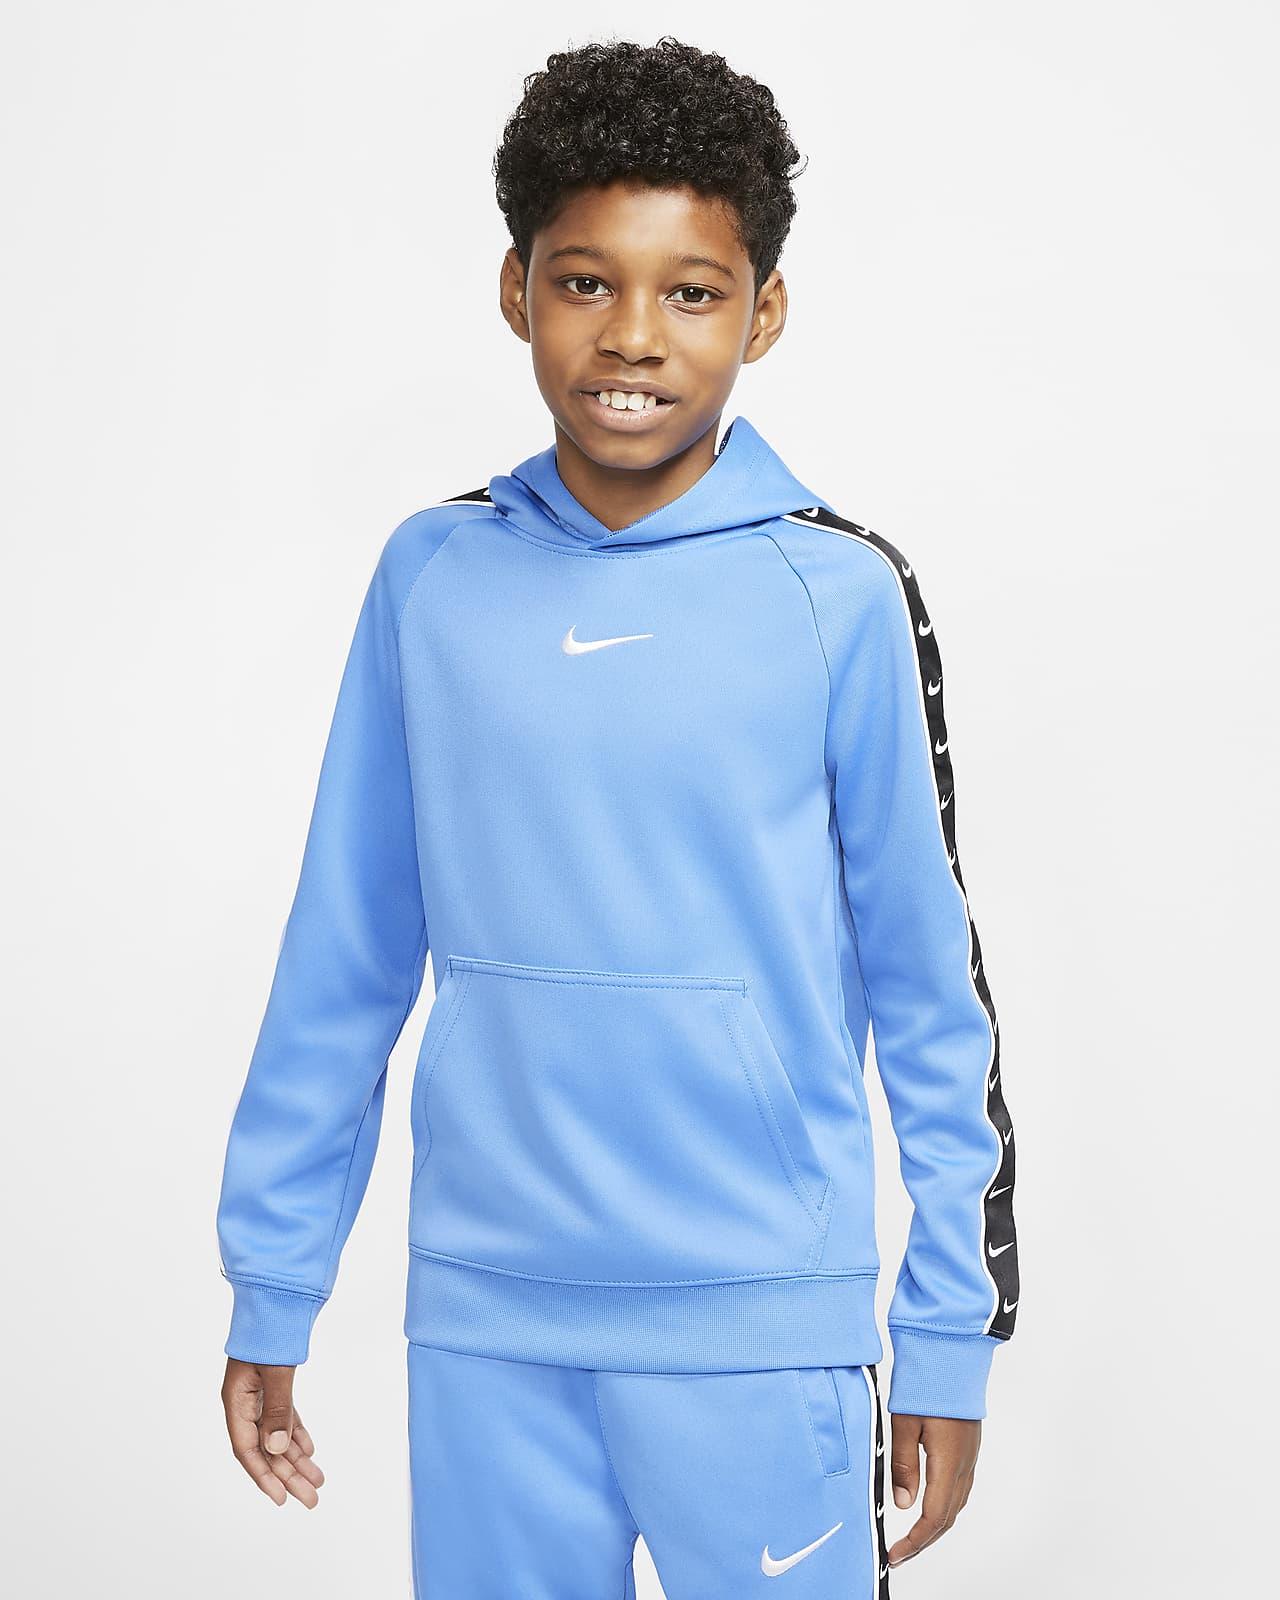 Nike Sportswear Swoosh Sudadera con capucha - Niño/a